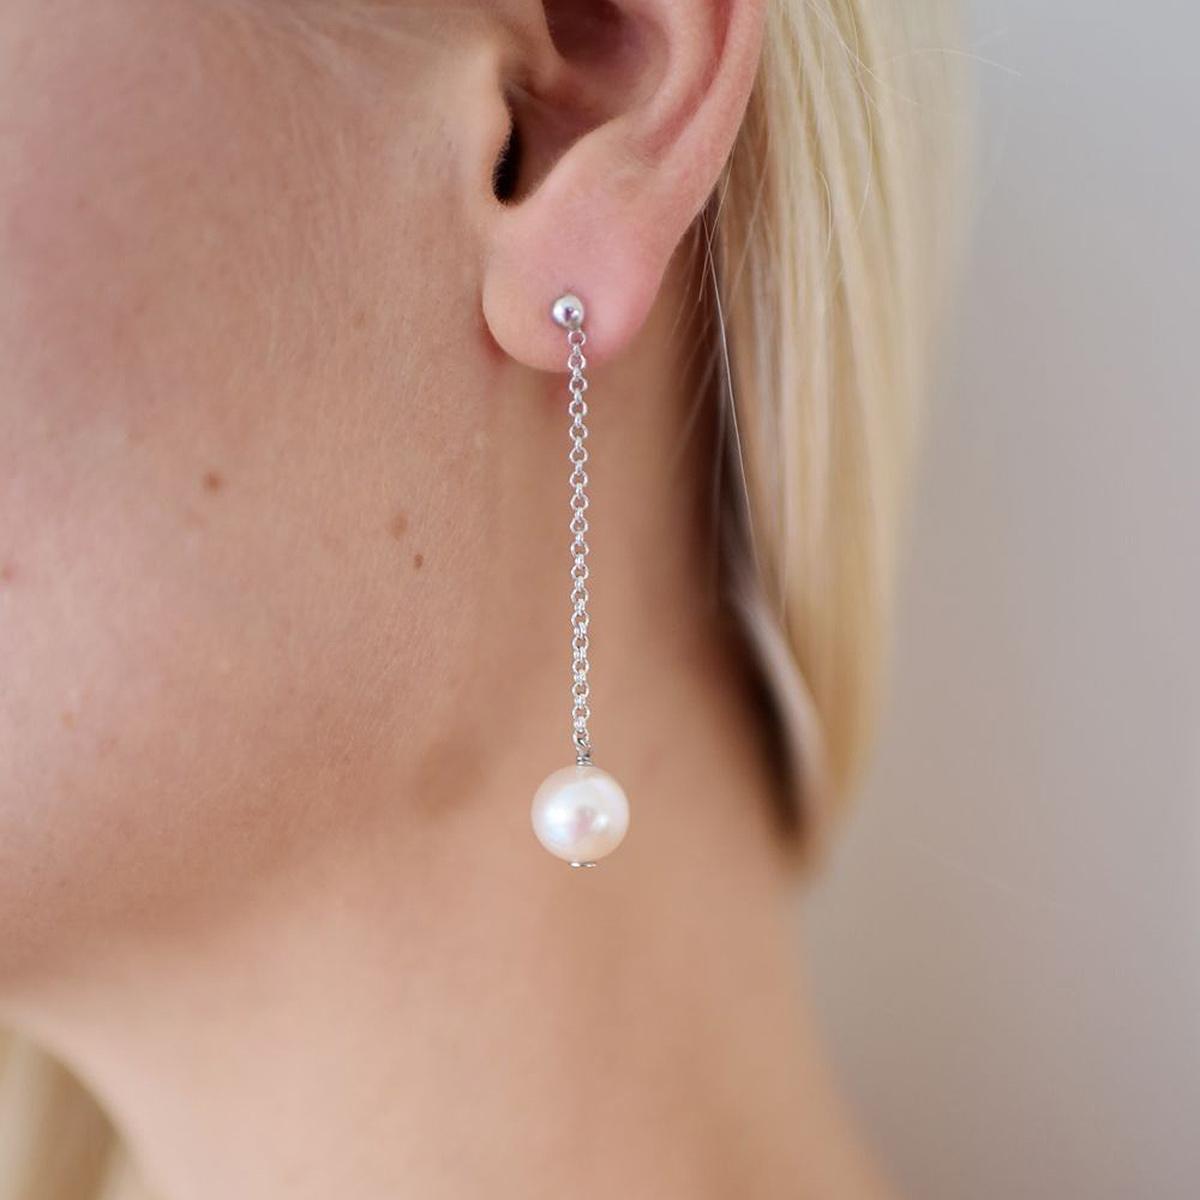 funkypearl_earrings_silver-sophie-by-sophie